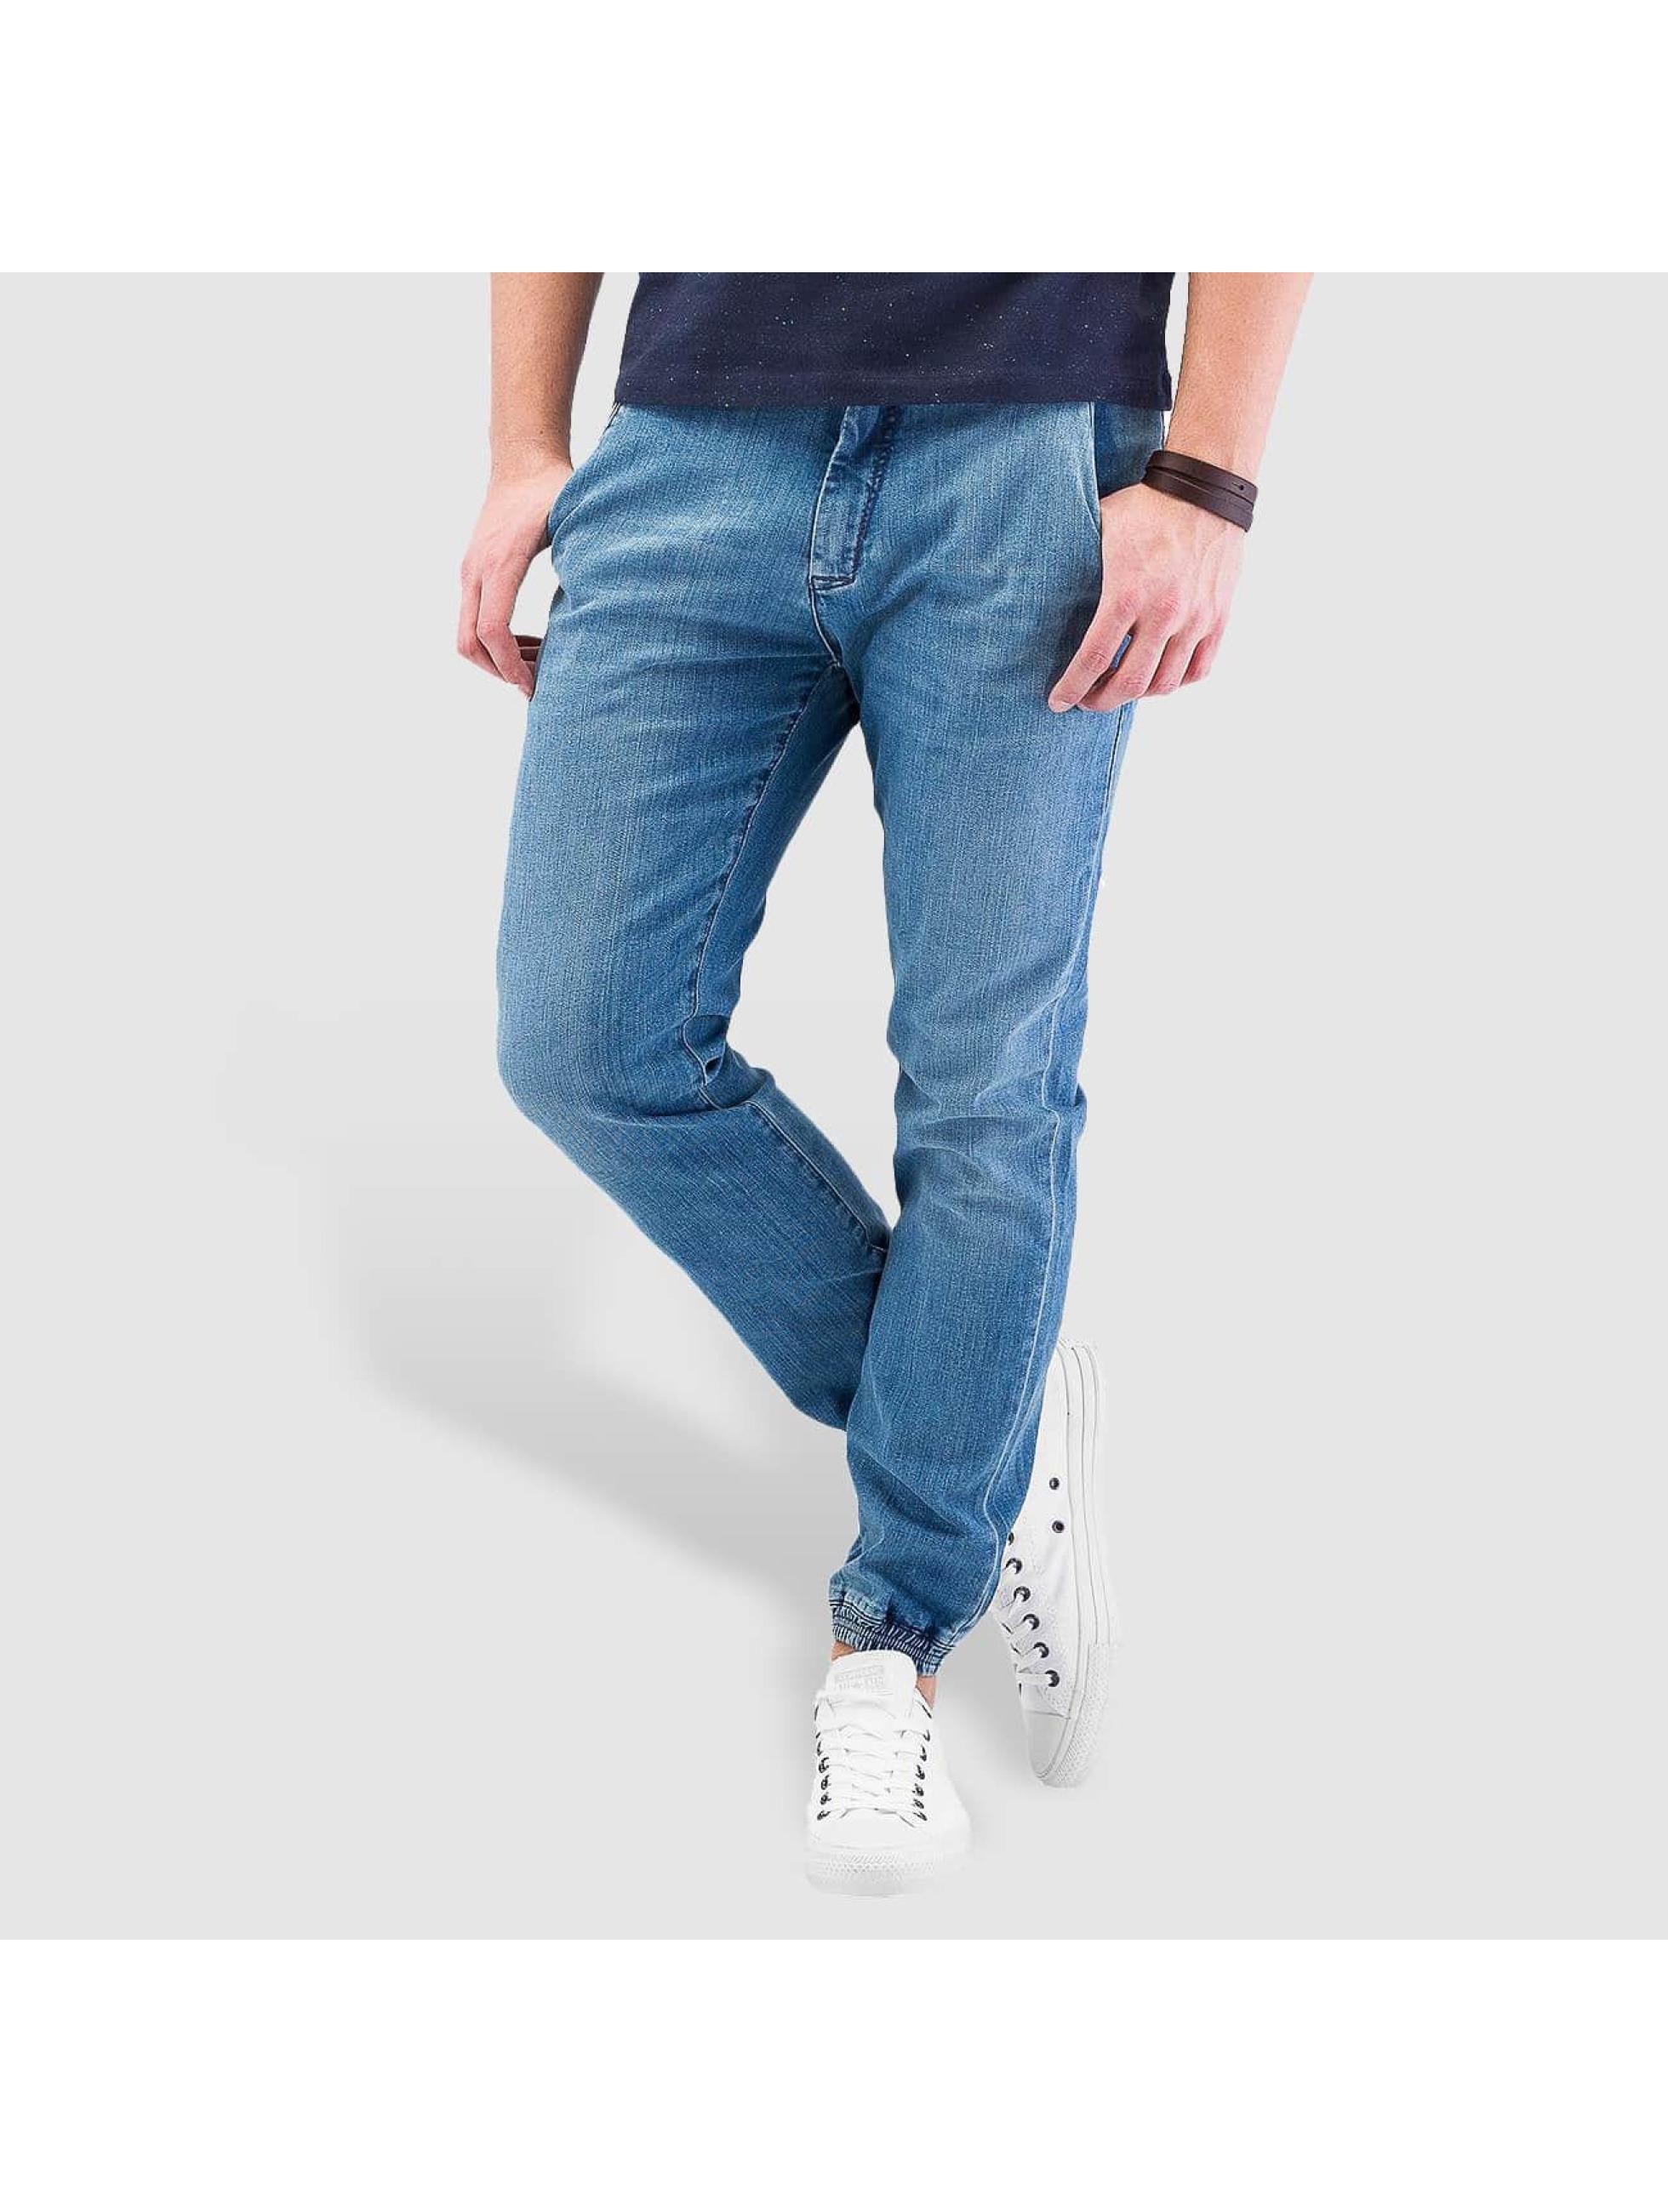 Reell Jeans Chino Jogger indigo